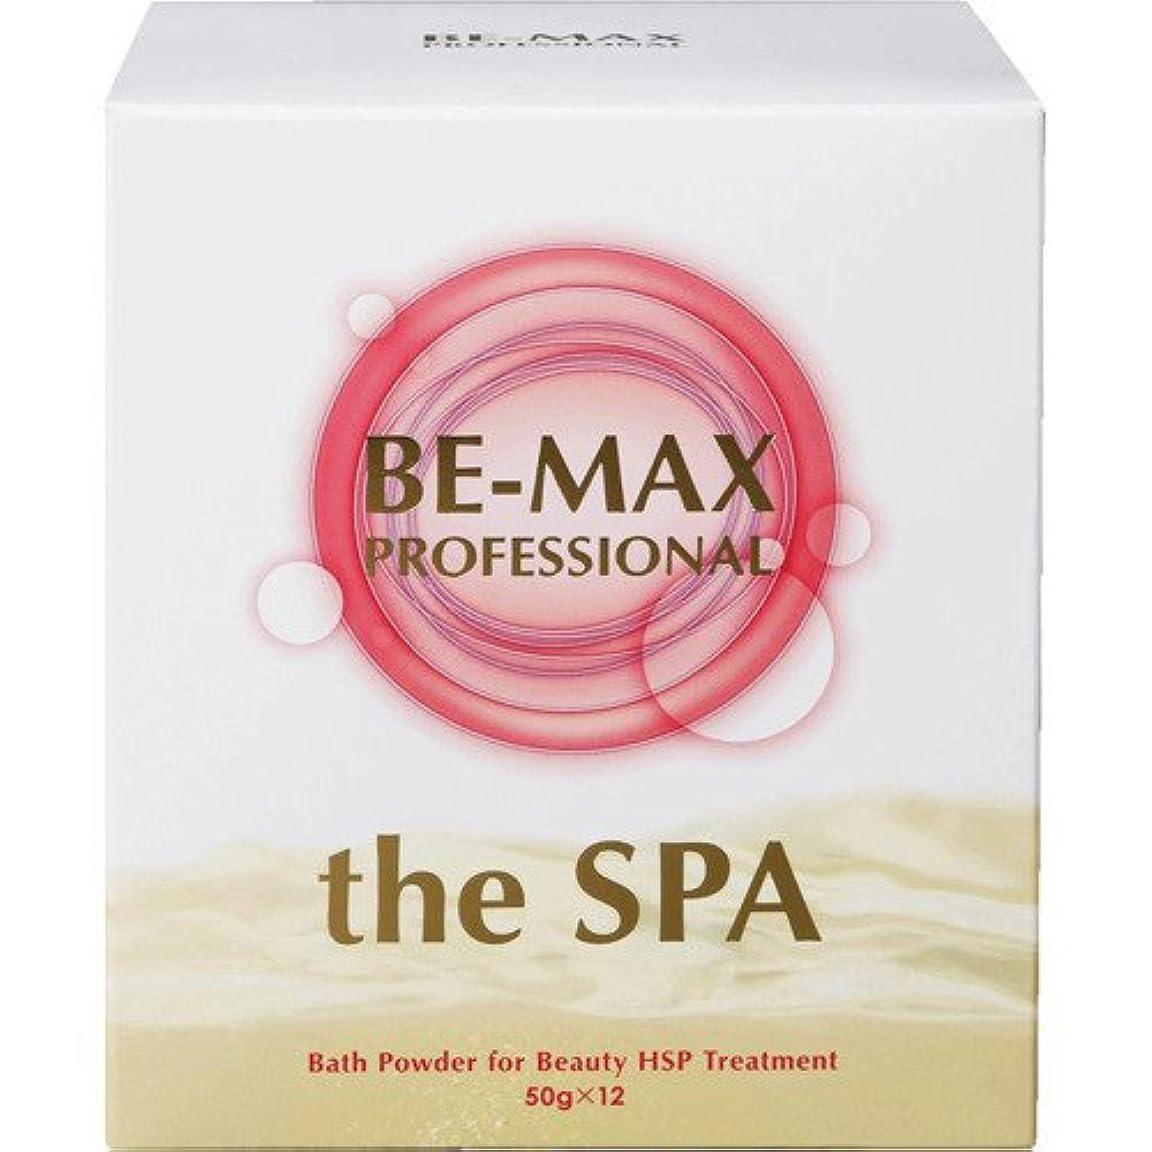 BE-MAX PROFESSIONAL the SPA(ザ?スパ) ビーマックスプロフェッショナル ザ?スパ バスパウダー 50gx12包 (4571132621587)